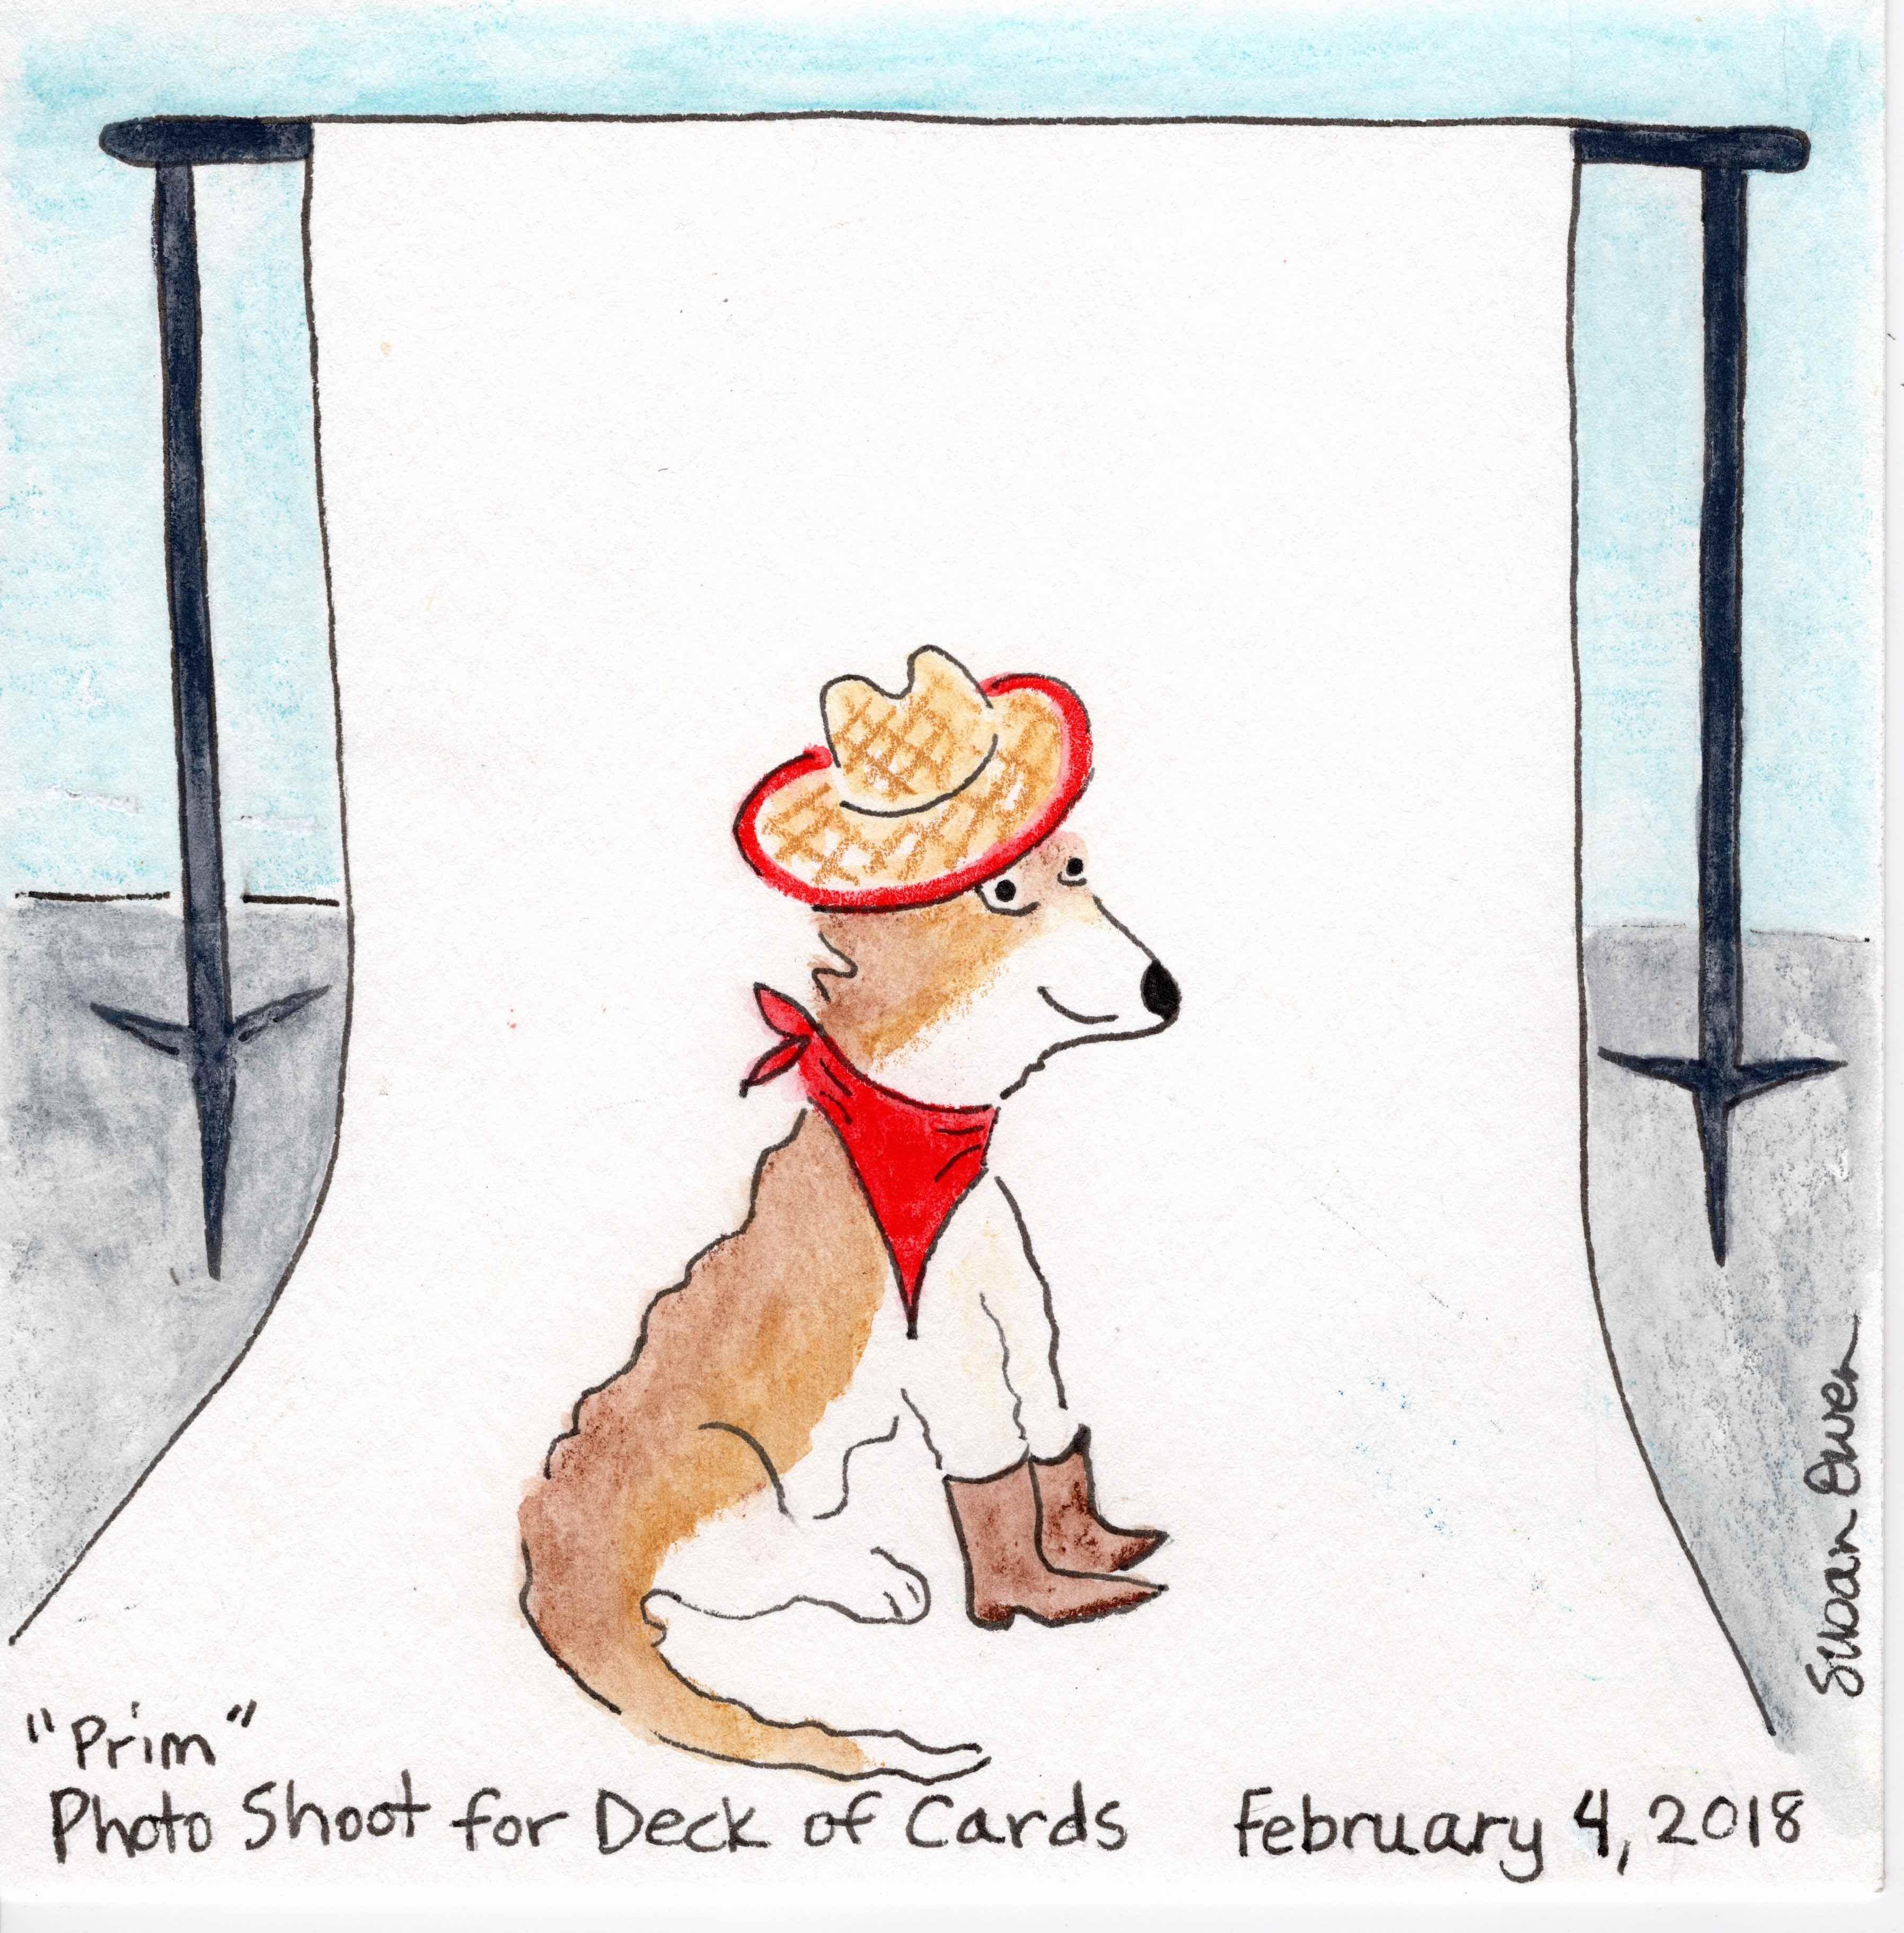 Cute cowgirl named Prim